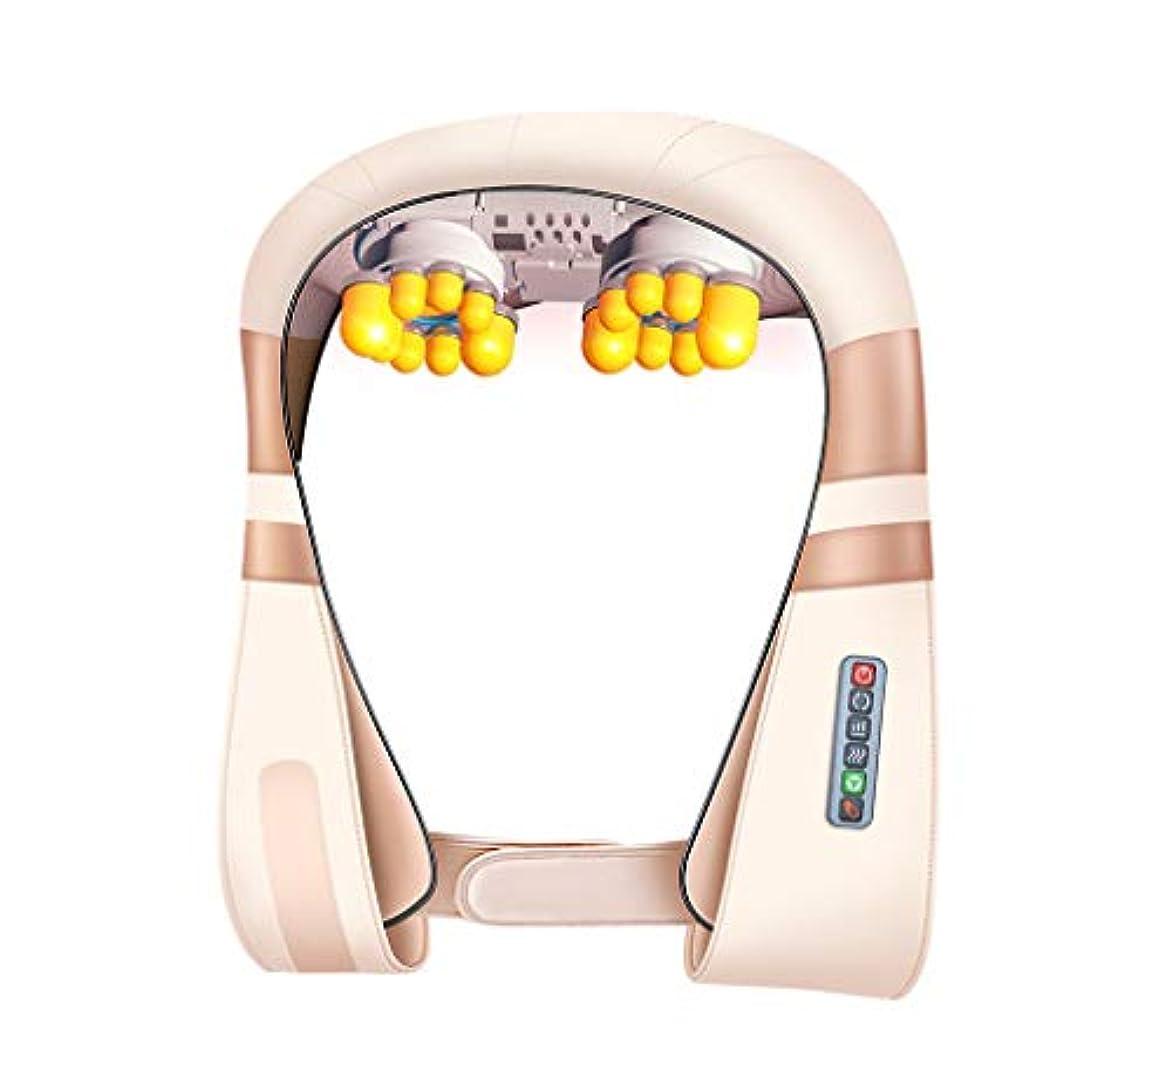 多機能8d ショルダーマッサージ, 車/ホームネック, 肩, ウエスト, 脚, 腕, 腹部電気マッサージ頸部温水ショール, 新しいアップグレード